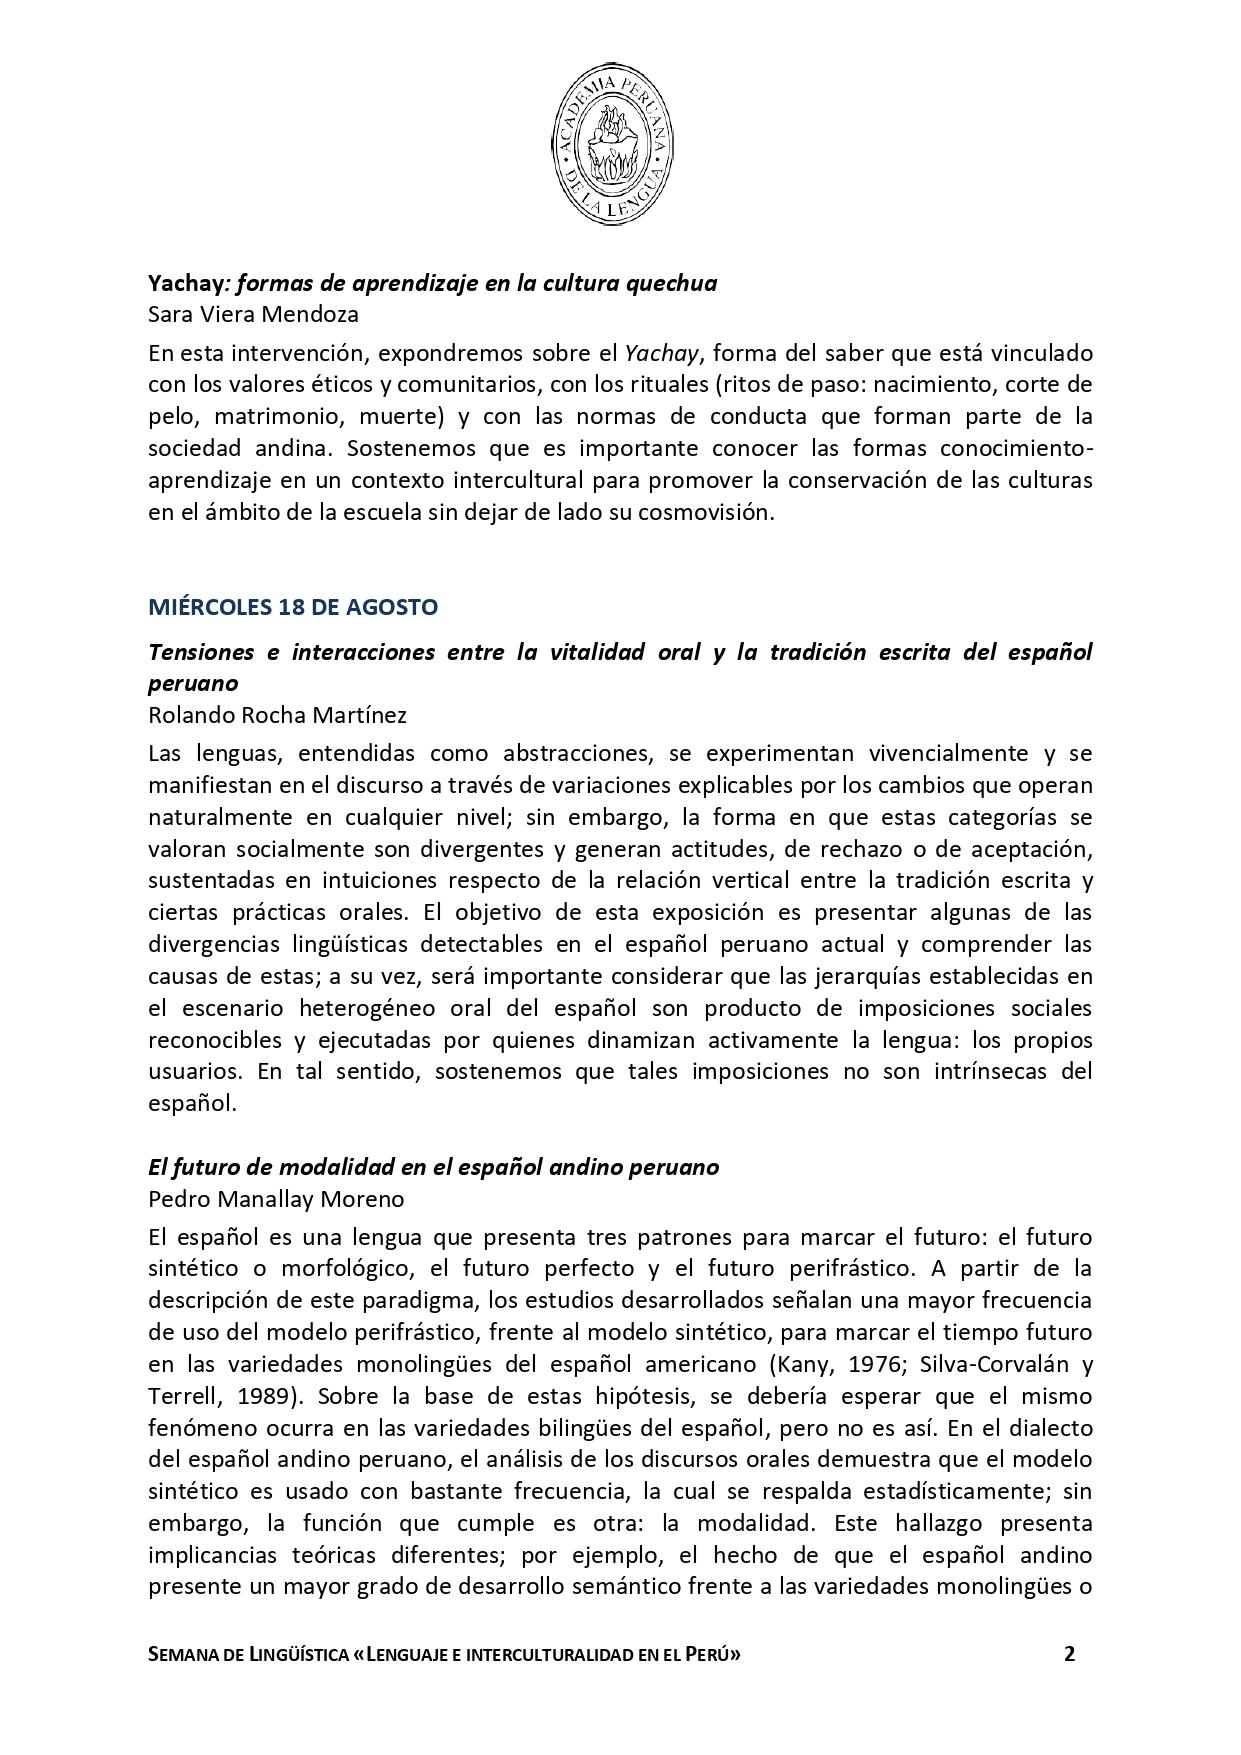 SUMILLAS - Semana de Linguistica 2021 (OK) (2)_page-0002